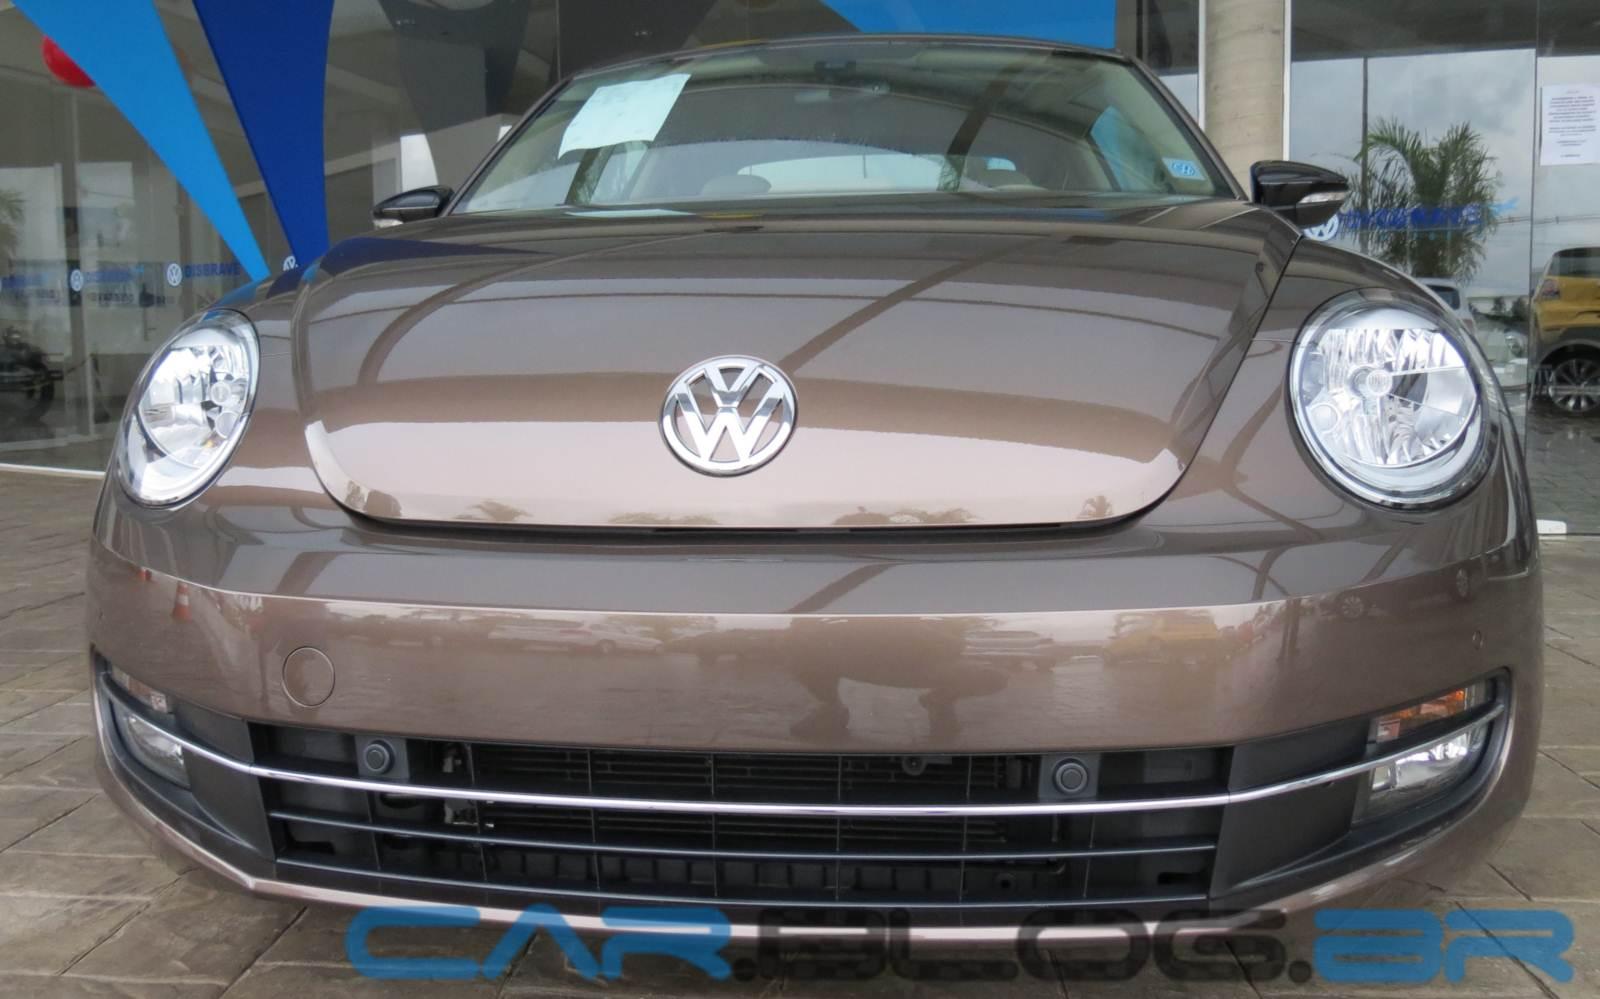 Volkswagen Beetle Stereo Wiring Harness Volkswagen Free